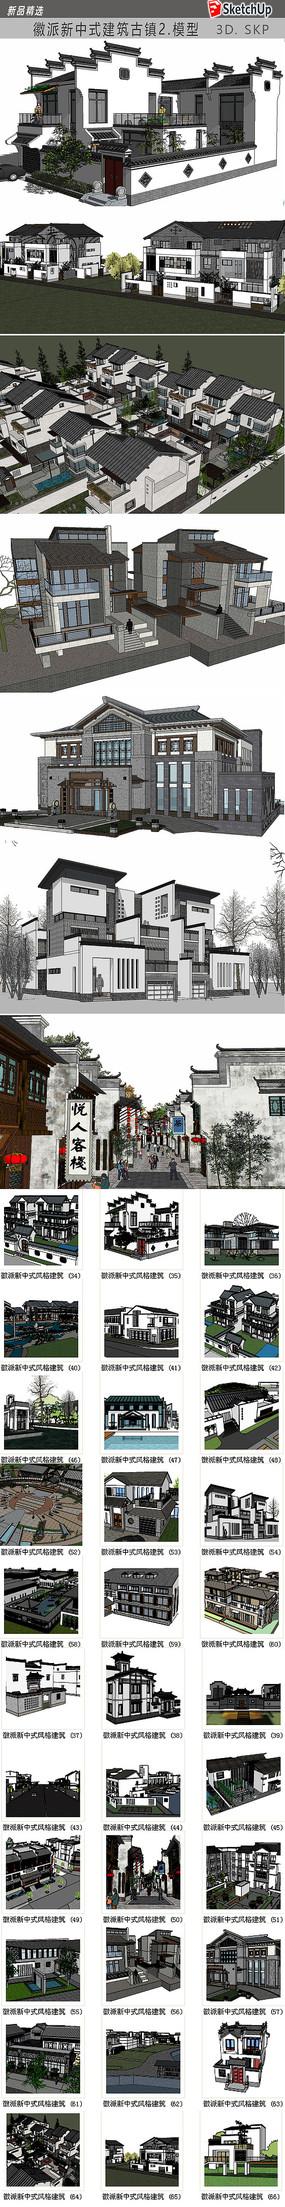 中式别墅建筑模型